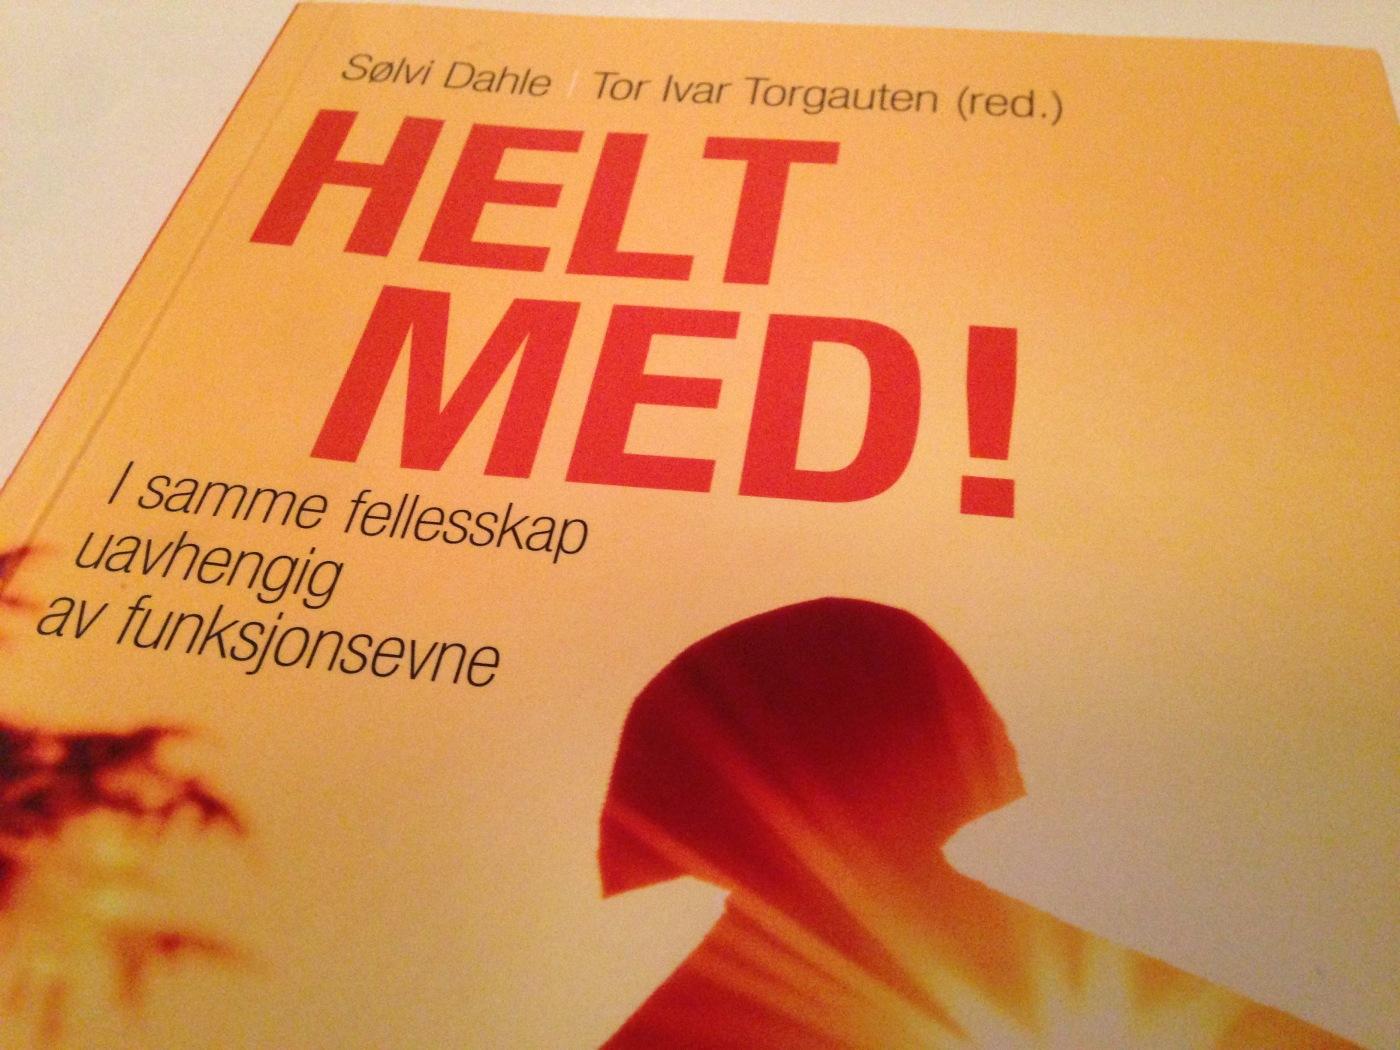 Bilde av boken Helt med (Dahle og Torgauten (red))